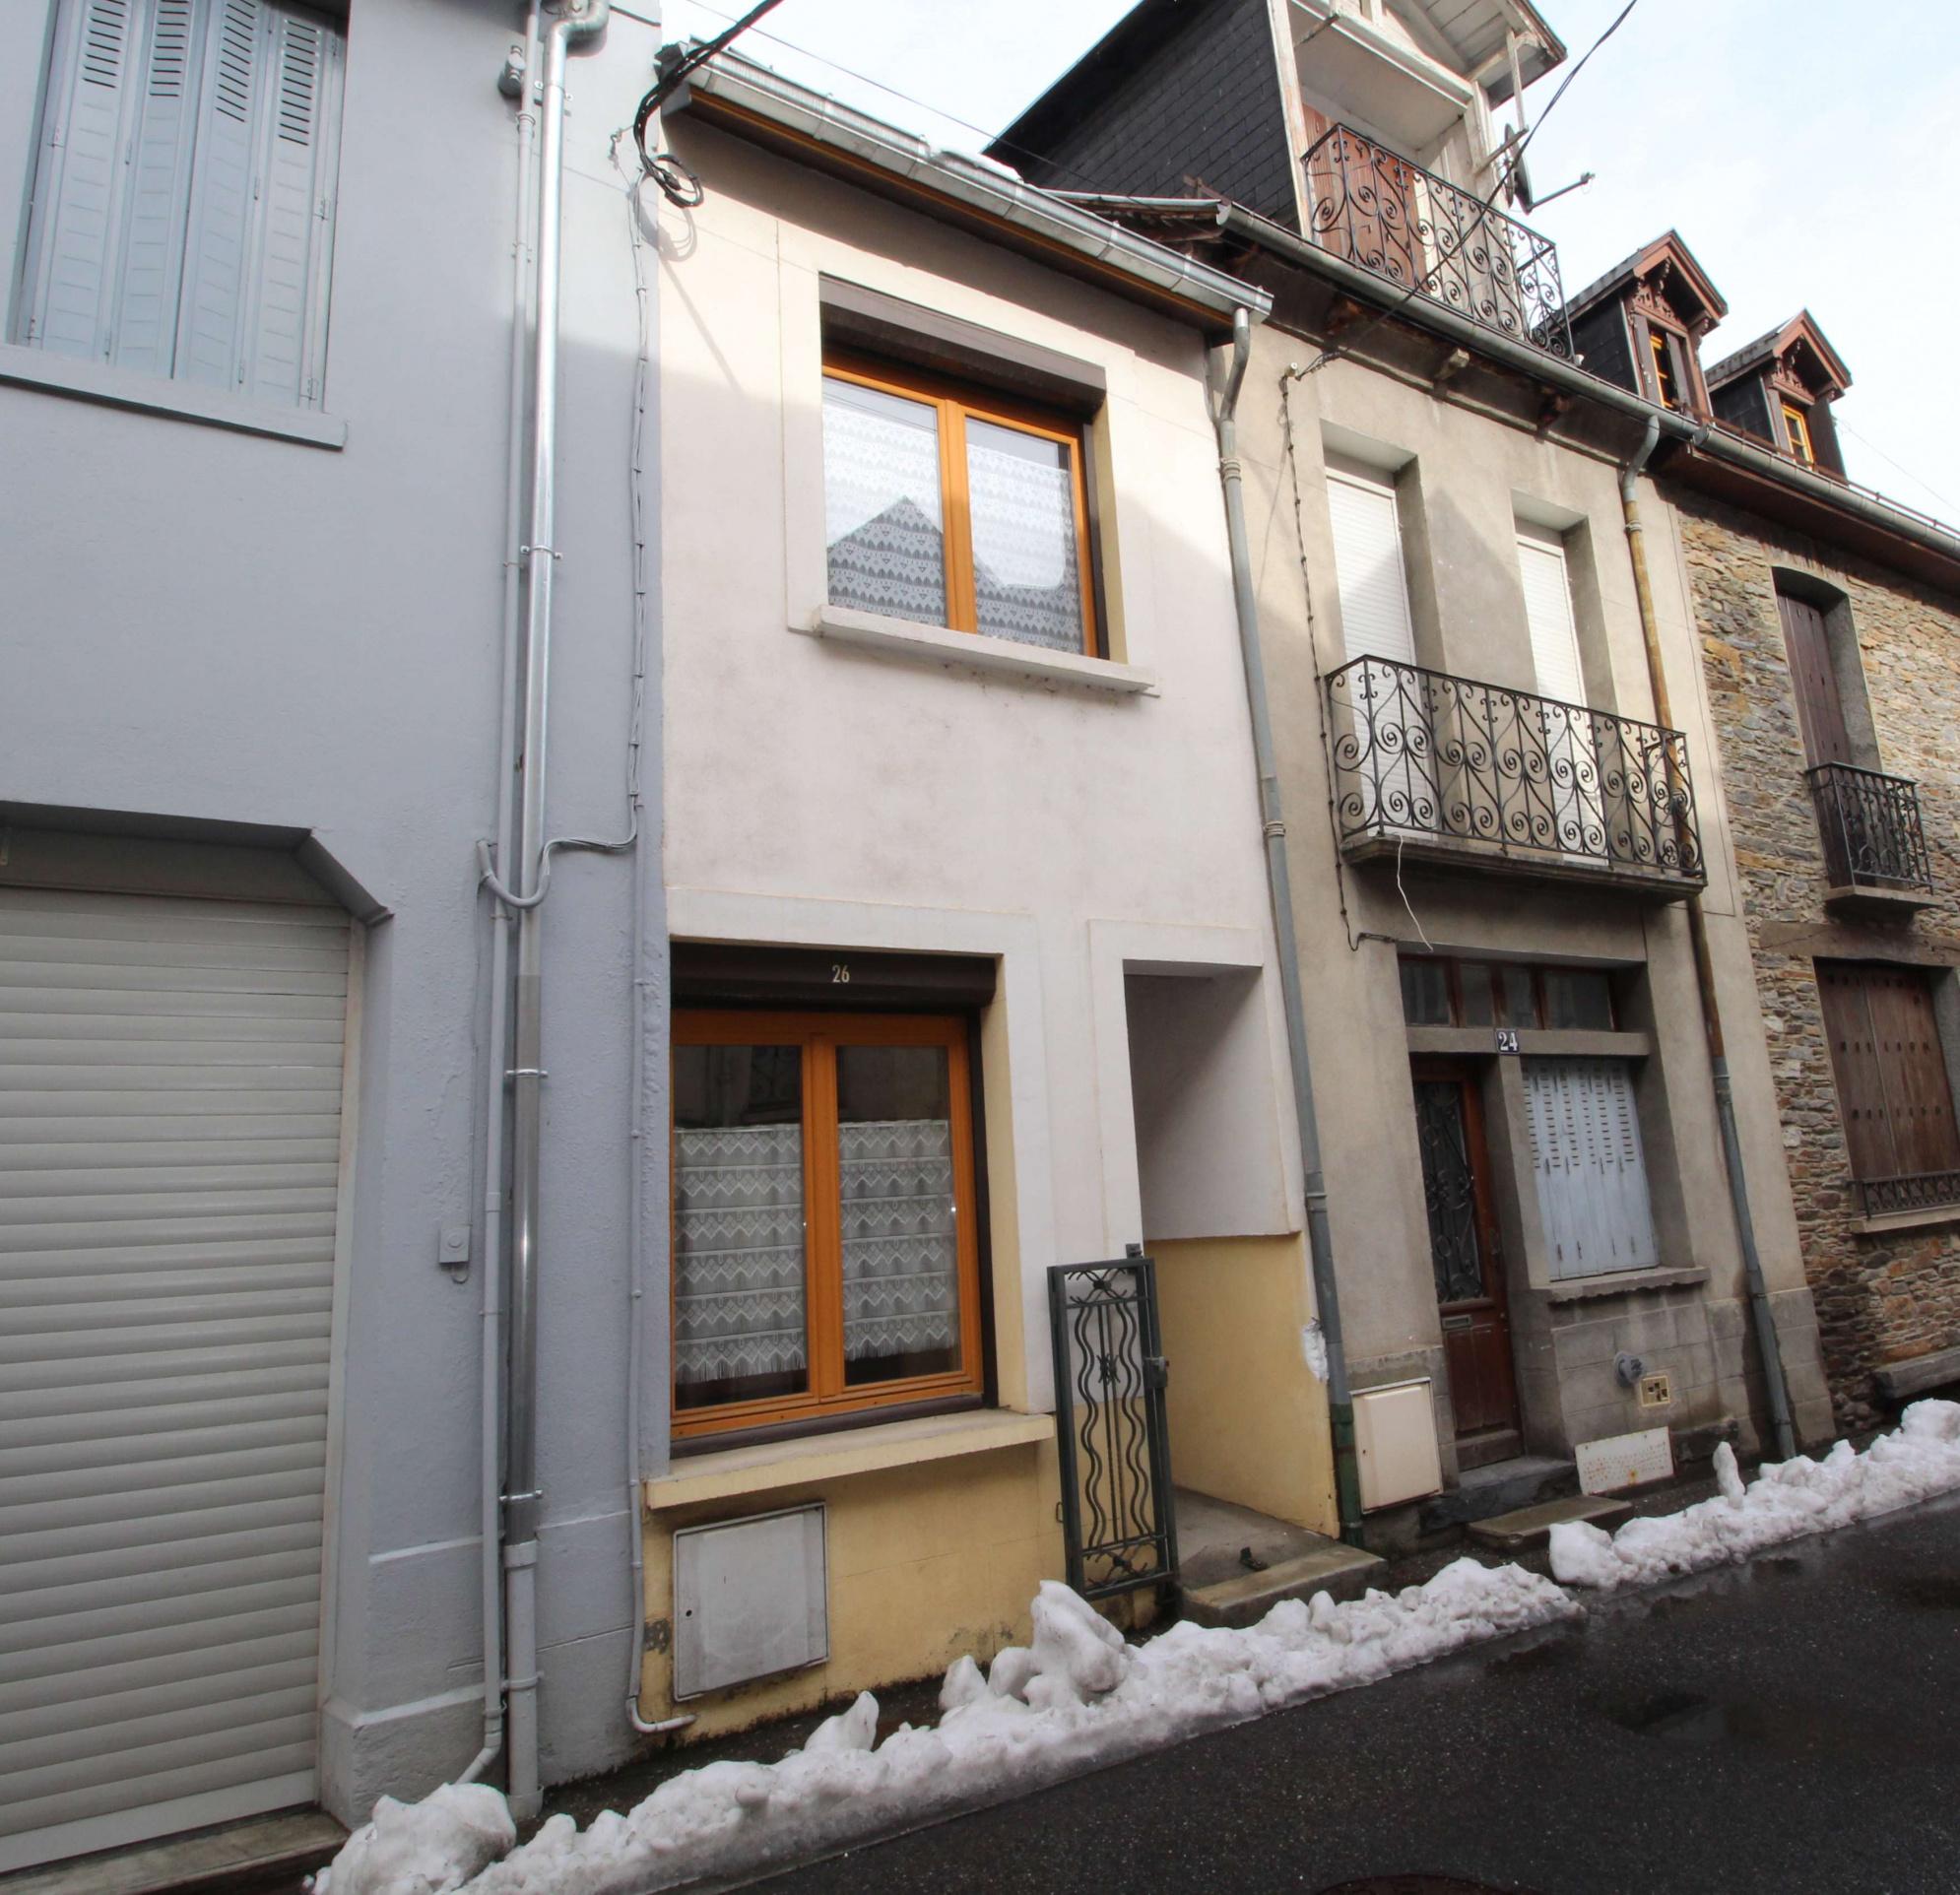 maison 4 pièce(s) - Centre ville